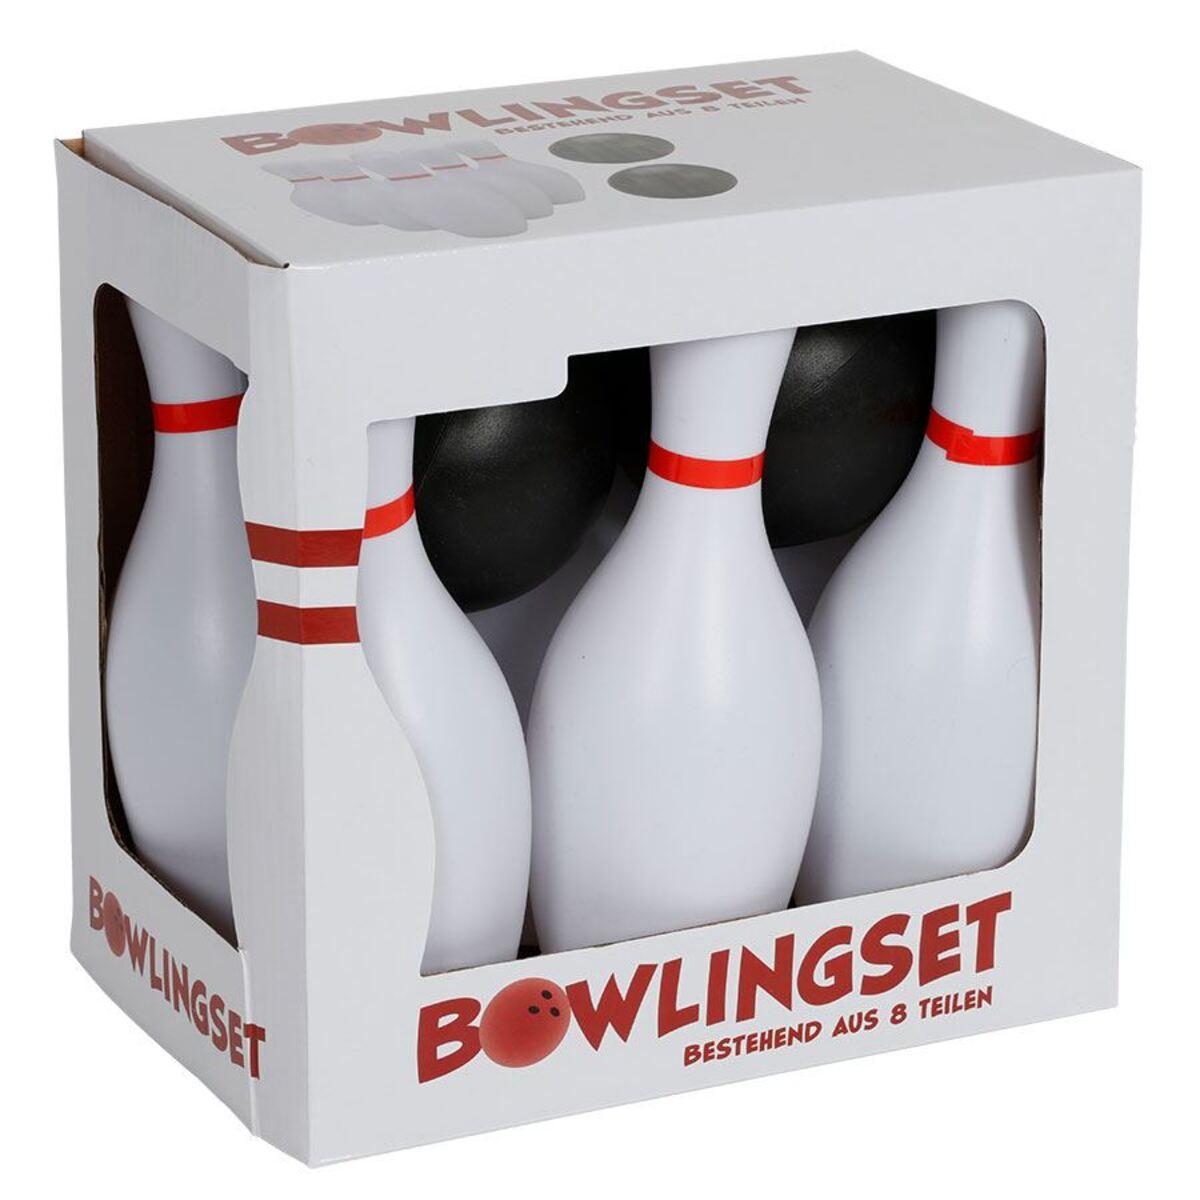 Bild 2 von Bowling-Set 8-teilig